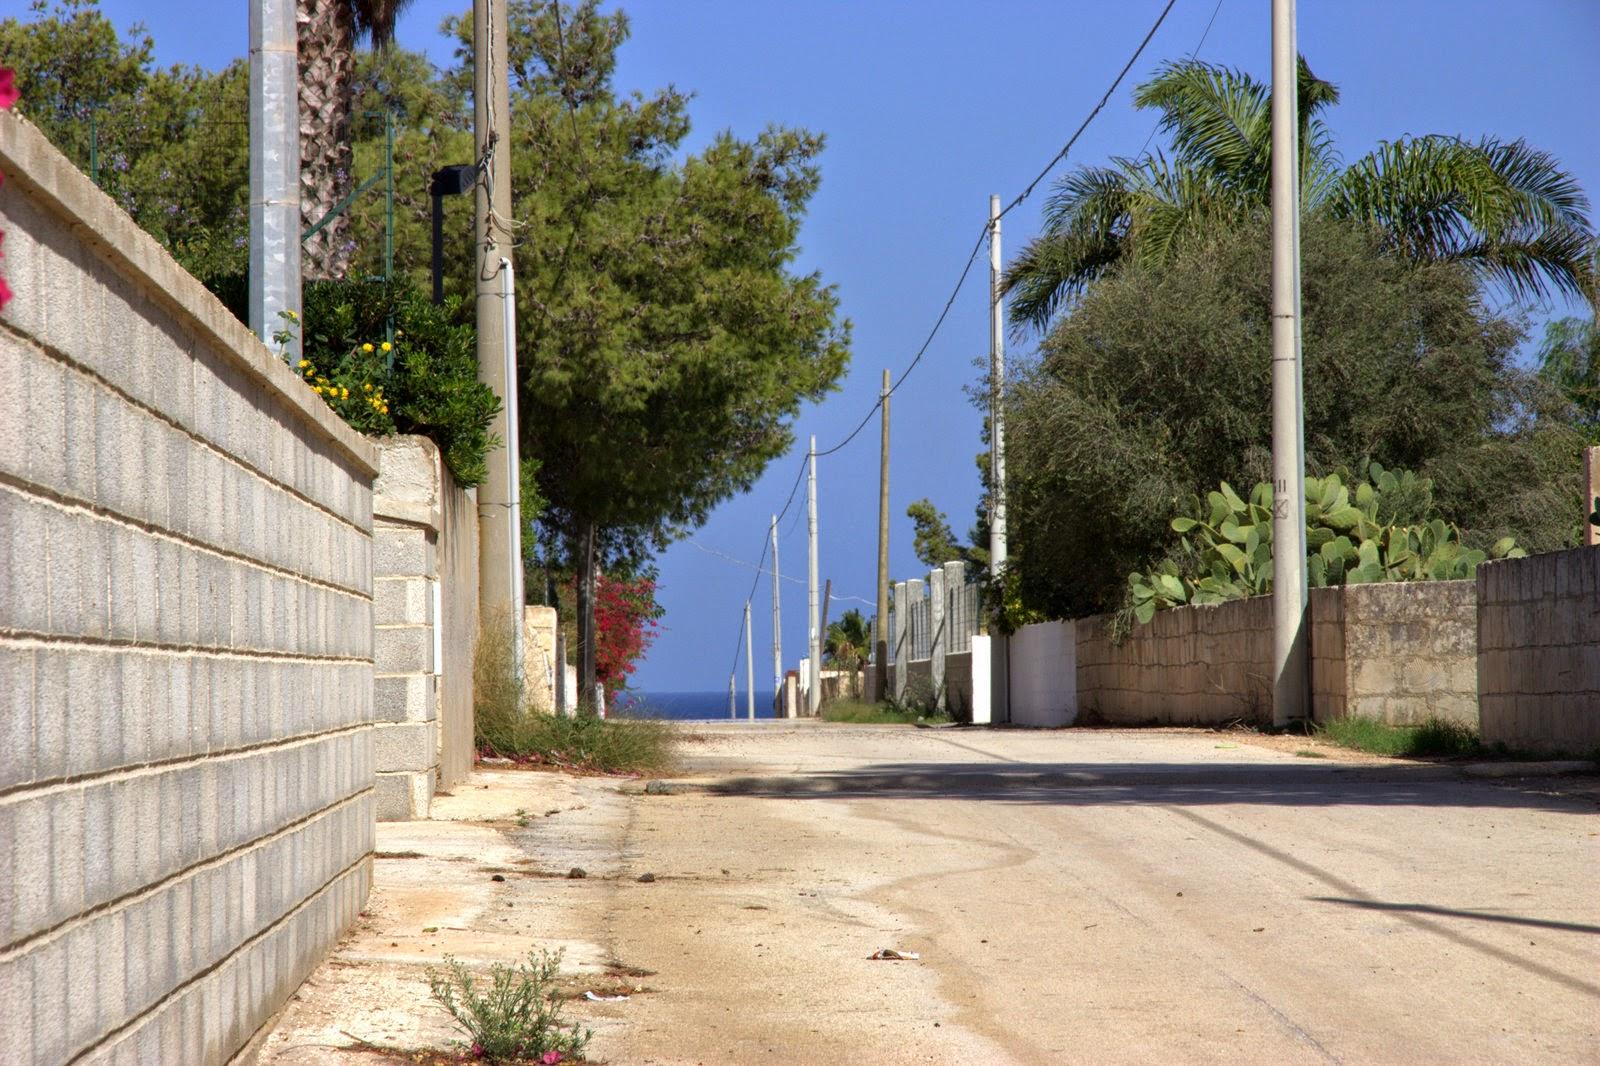 дорога к морю, ближайший песчаный пляж в 250 м.